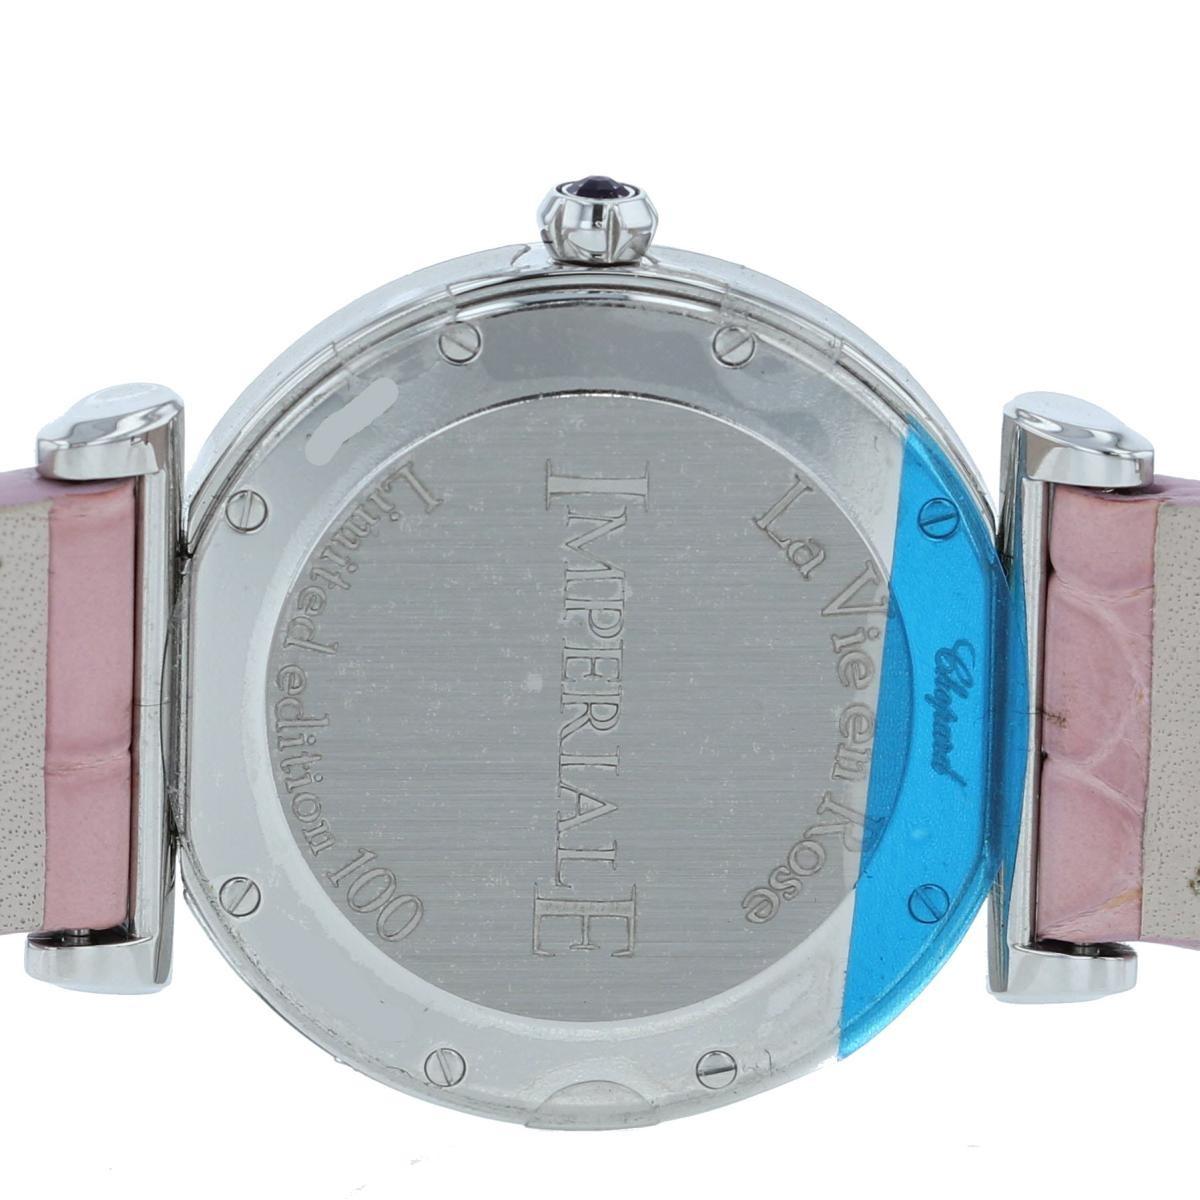 【中古】Chopard (ショパール) インペリアーレ ラヴィアンローズ Limited 100 時計 クオーツ/レディース imperiale MOP 8541 used:A